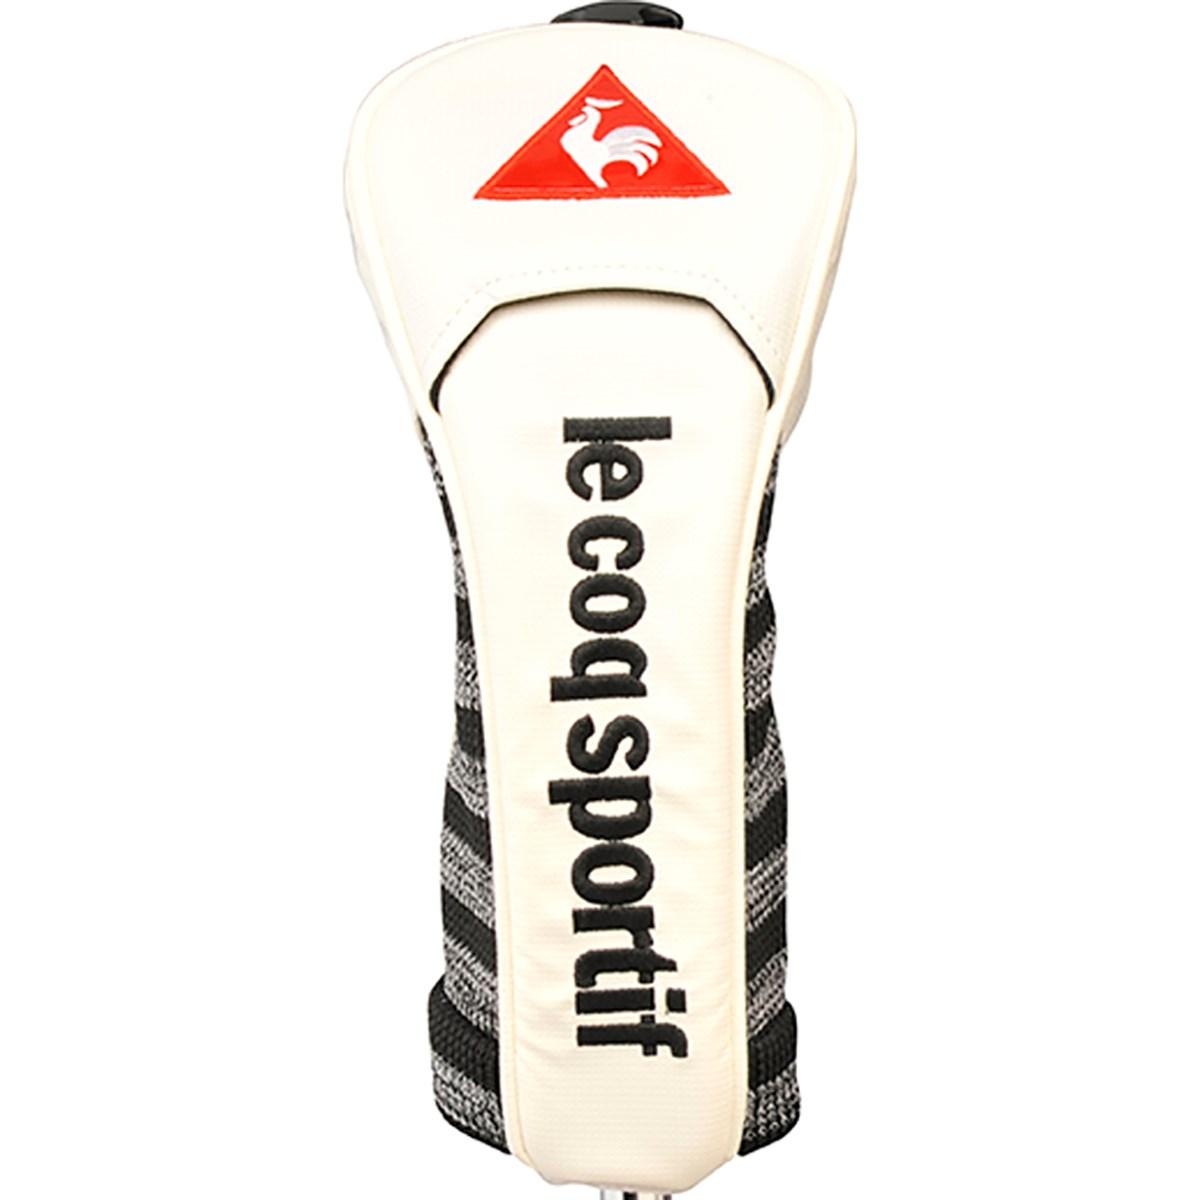 ルコックゴルフ Le coq sportif GOLF ヘッドカバー FW用 有り/ダイヤル式(3、4、5、7、X) ホワイト 00